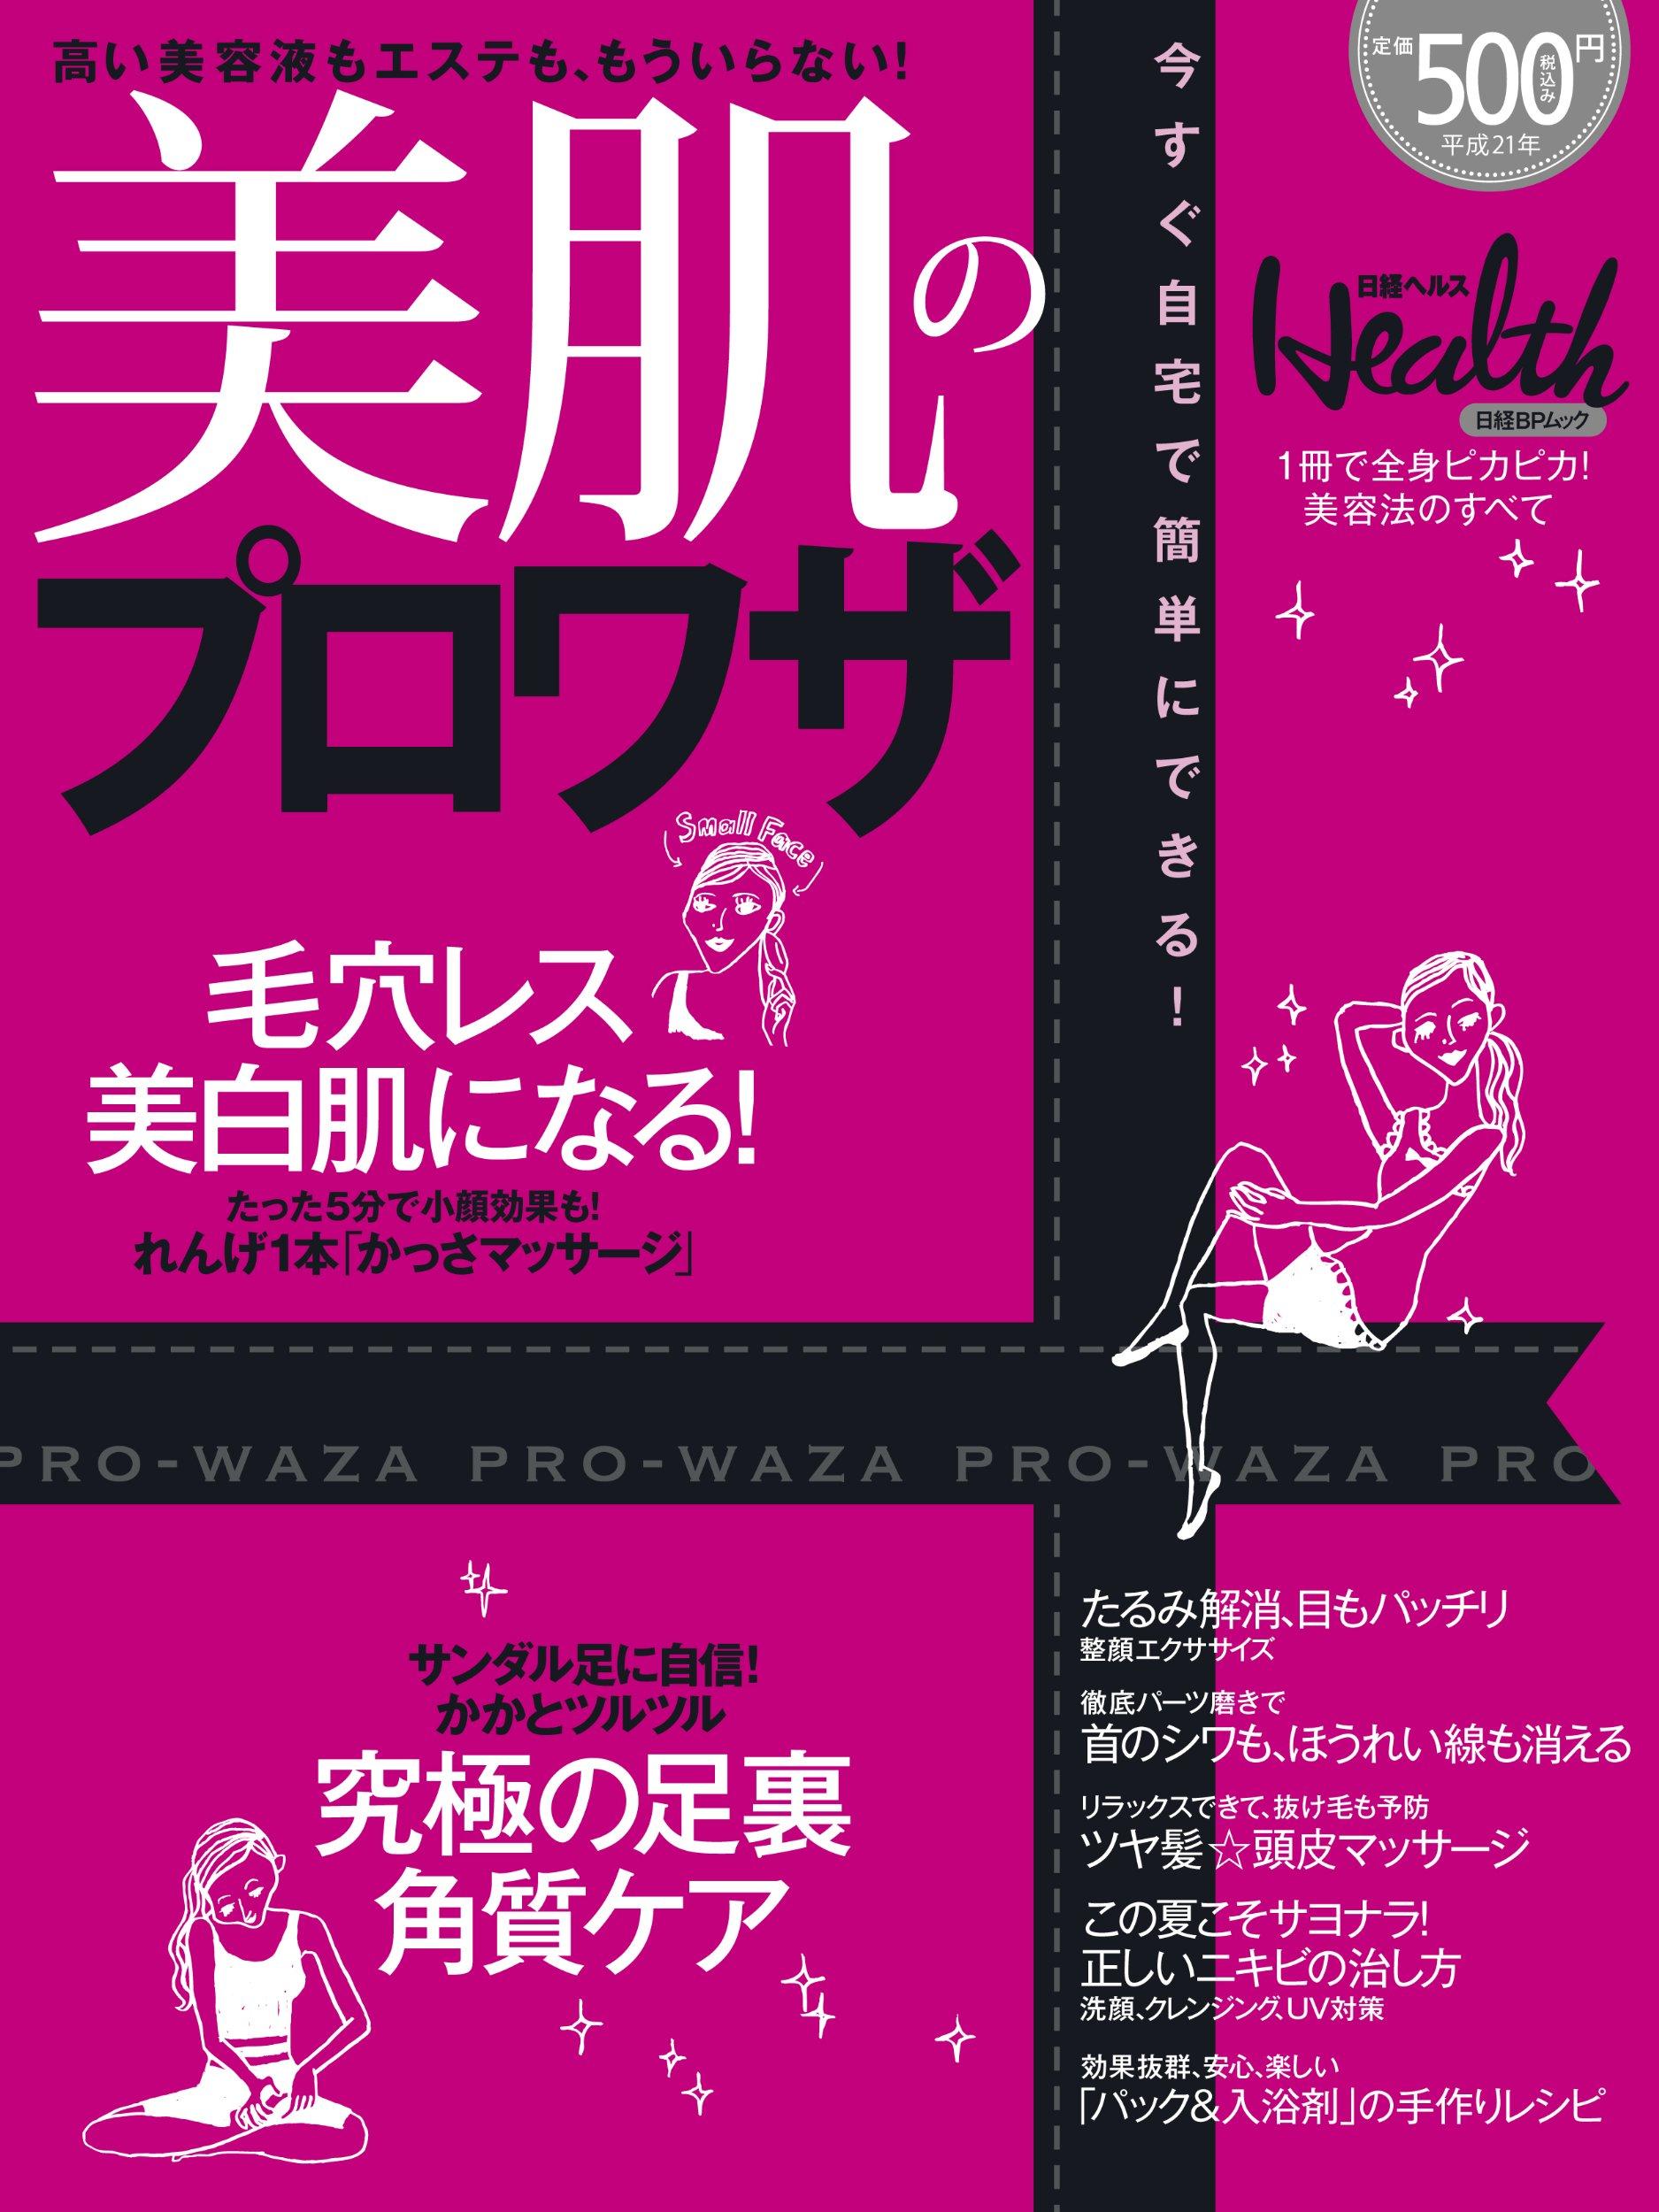 Download Bihada no purowaza : issatsu de zenshin pikapika biyōhō no subete imasugu jitaku de kantan ni dekiru ebook